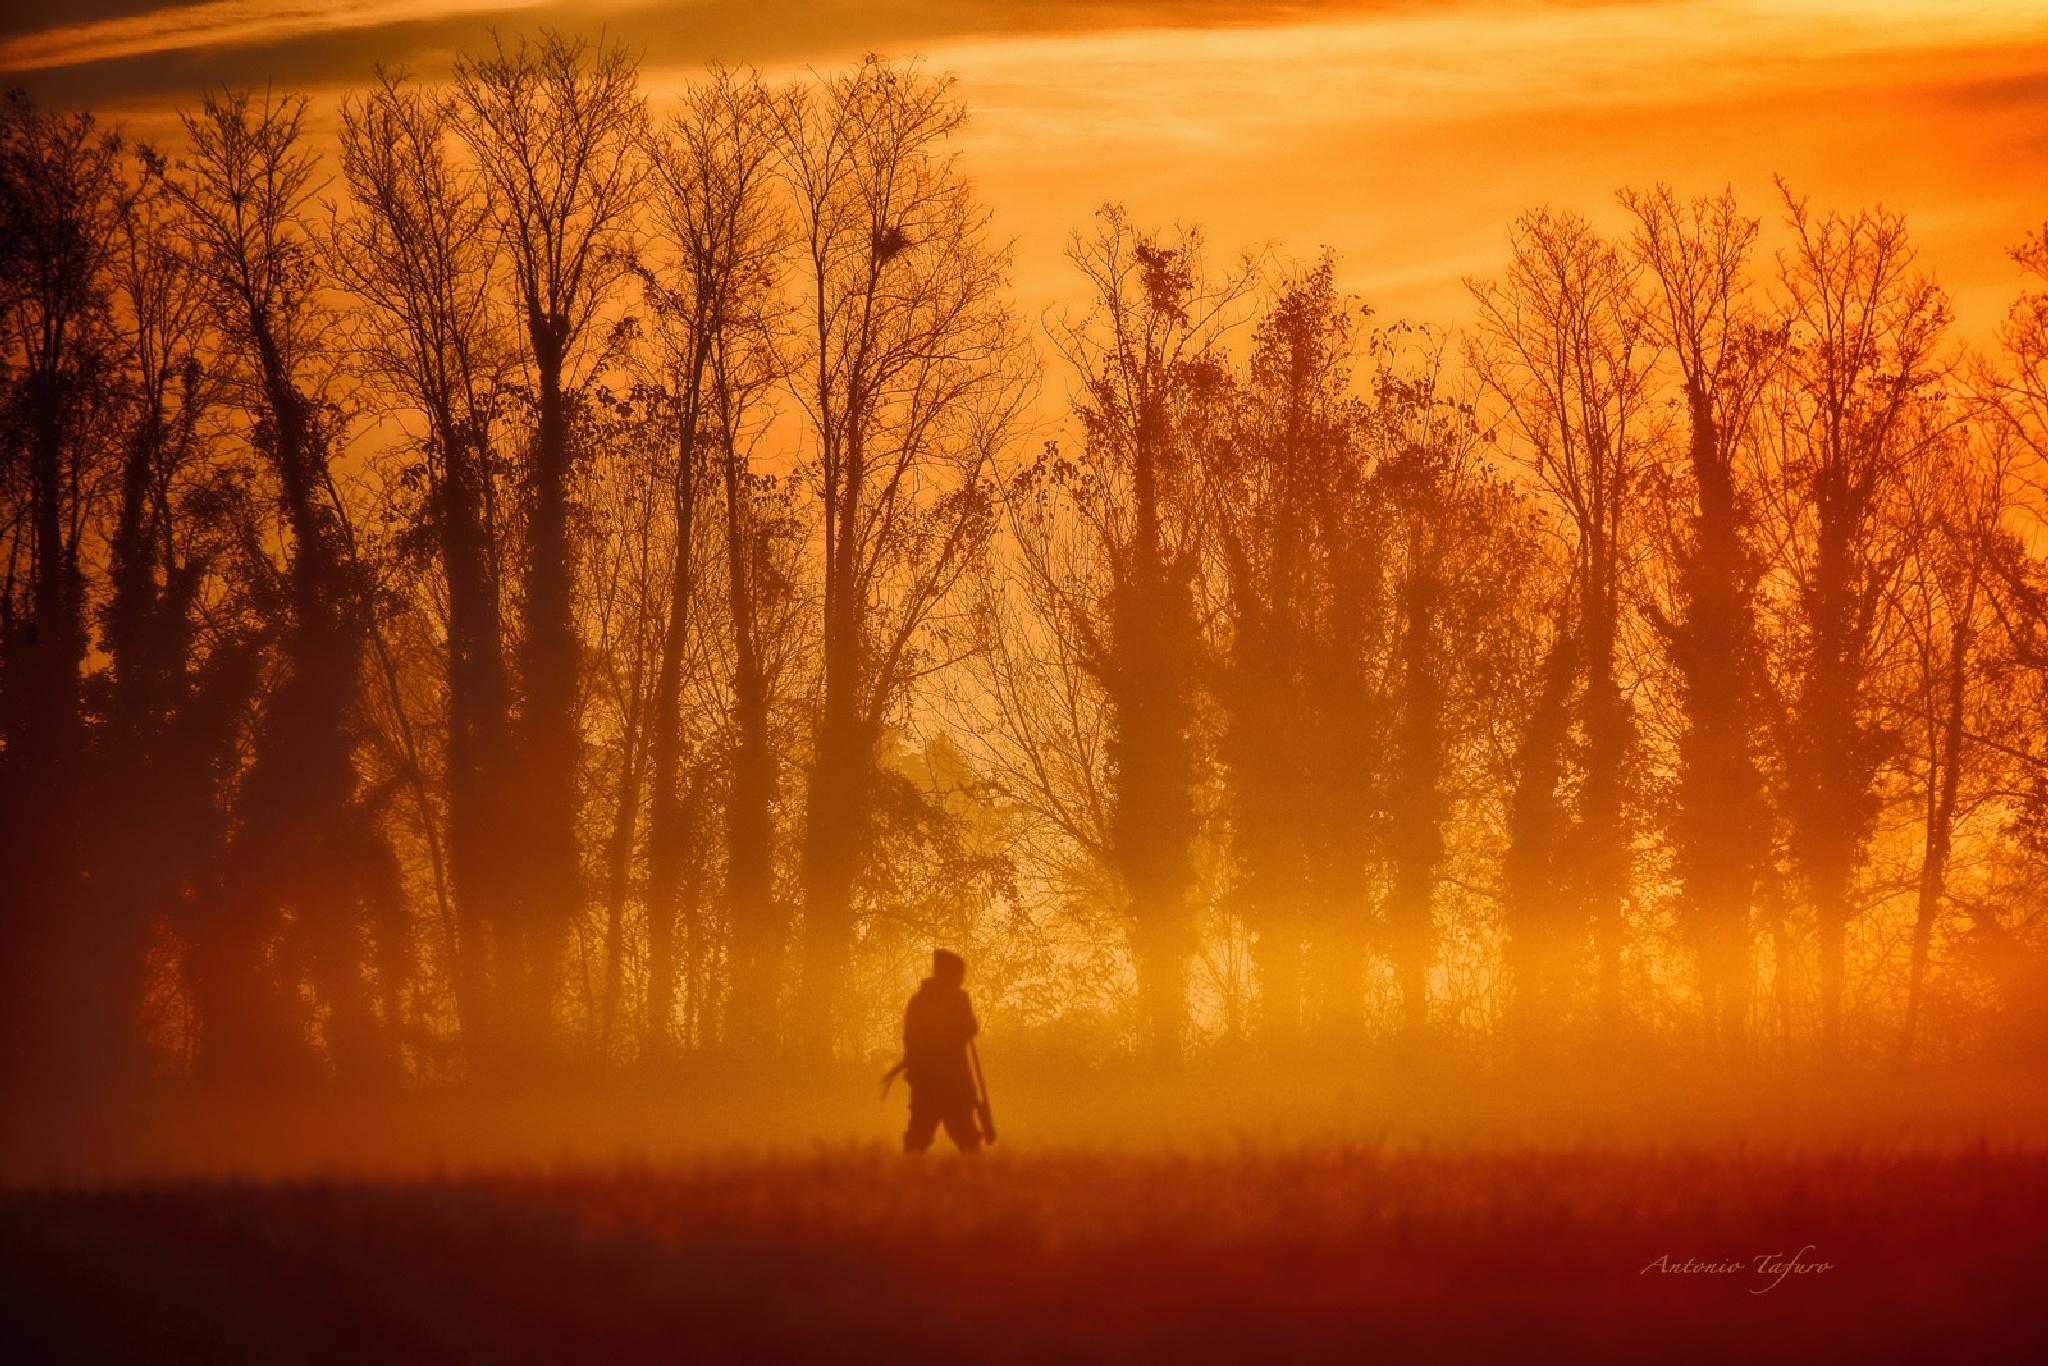 hunting at dawn by Antonio Tafuro